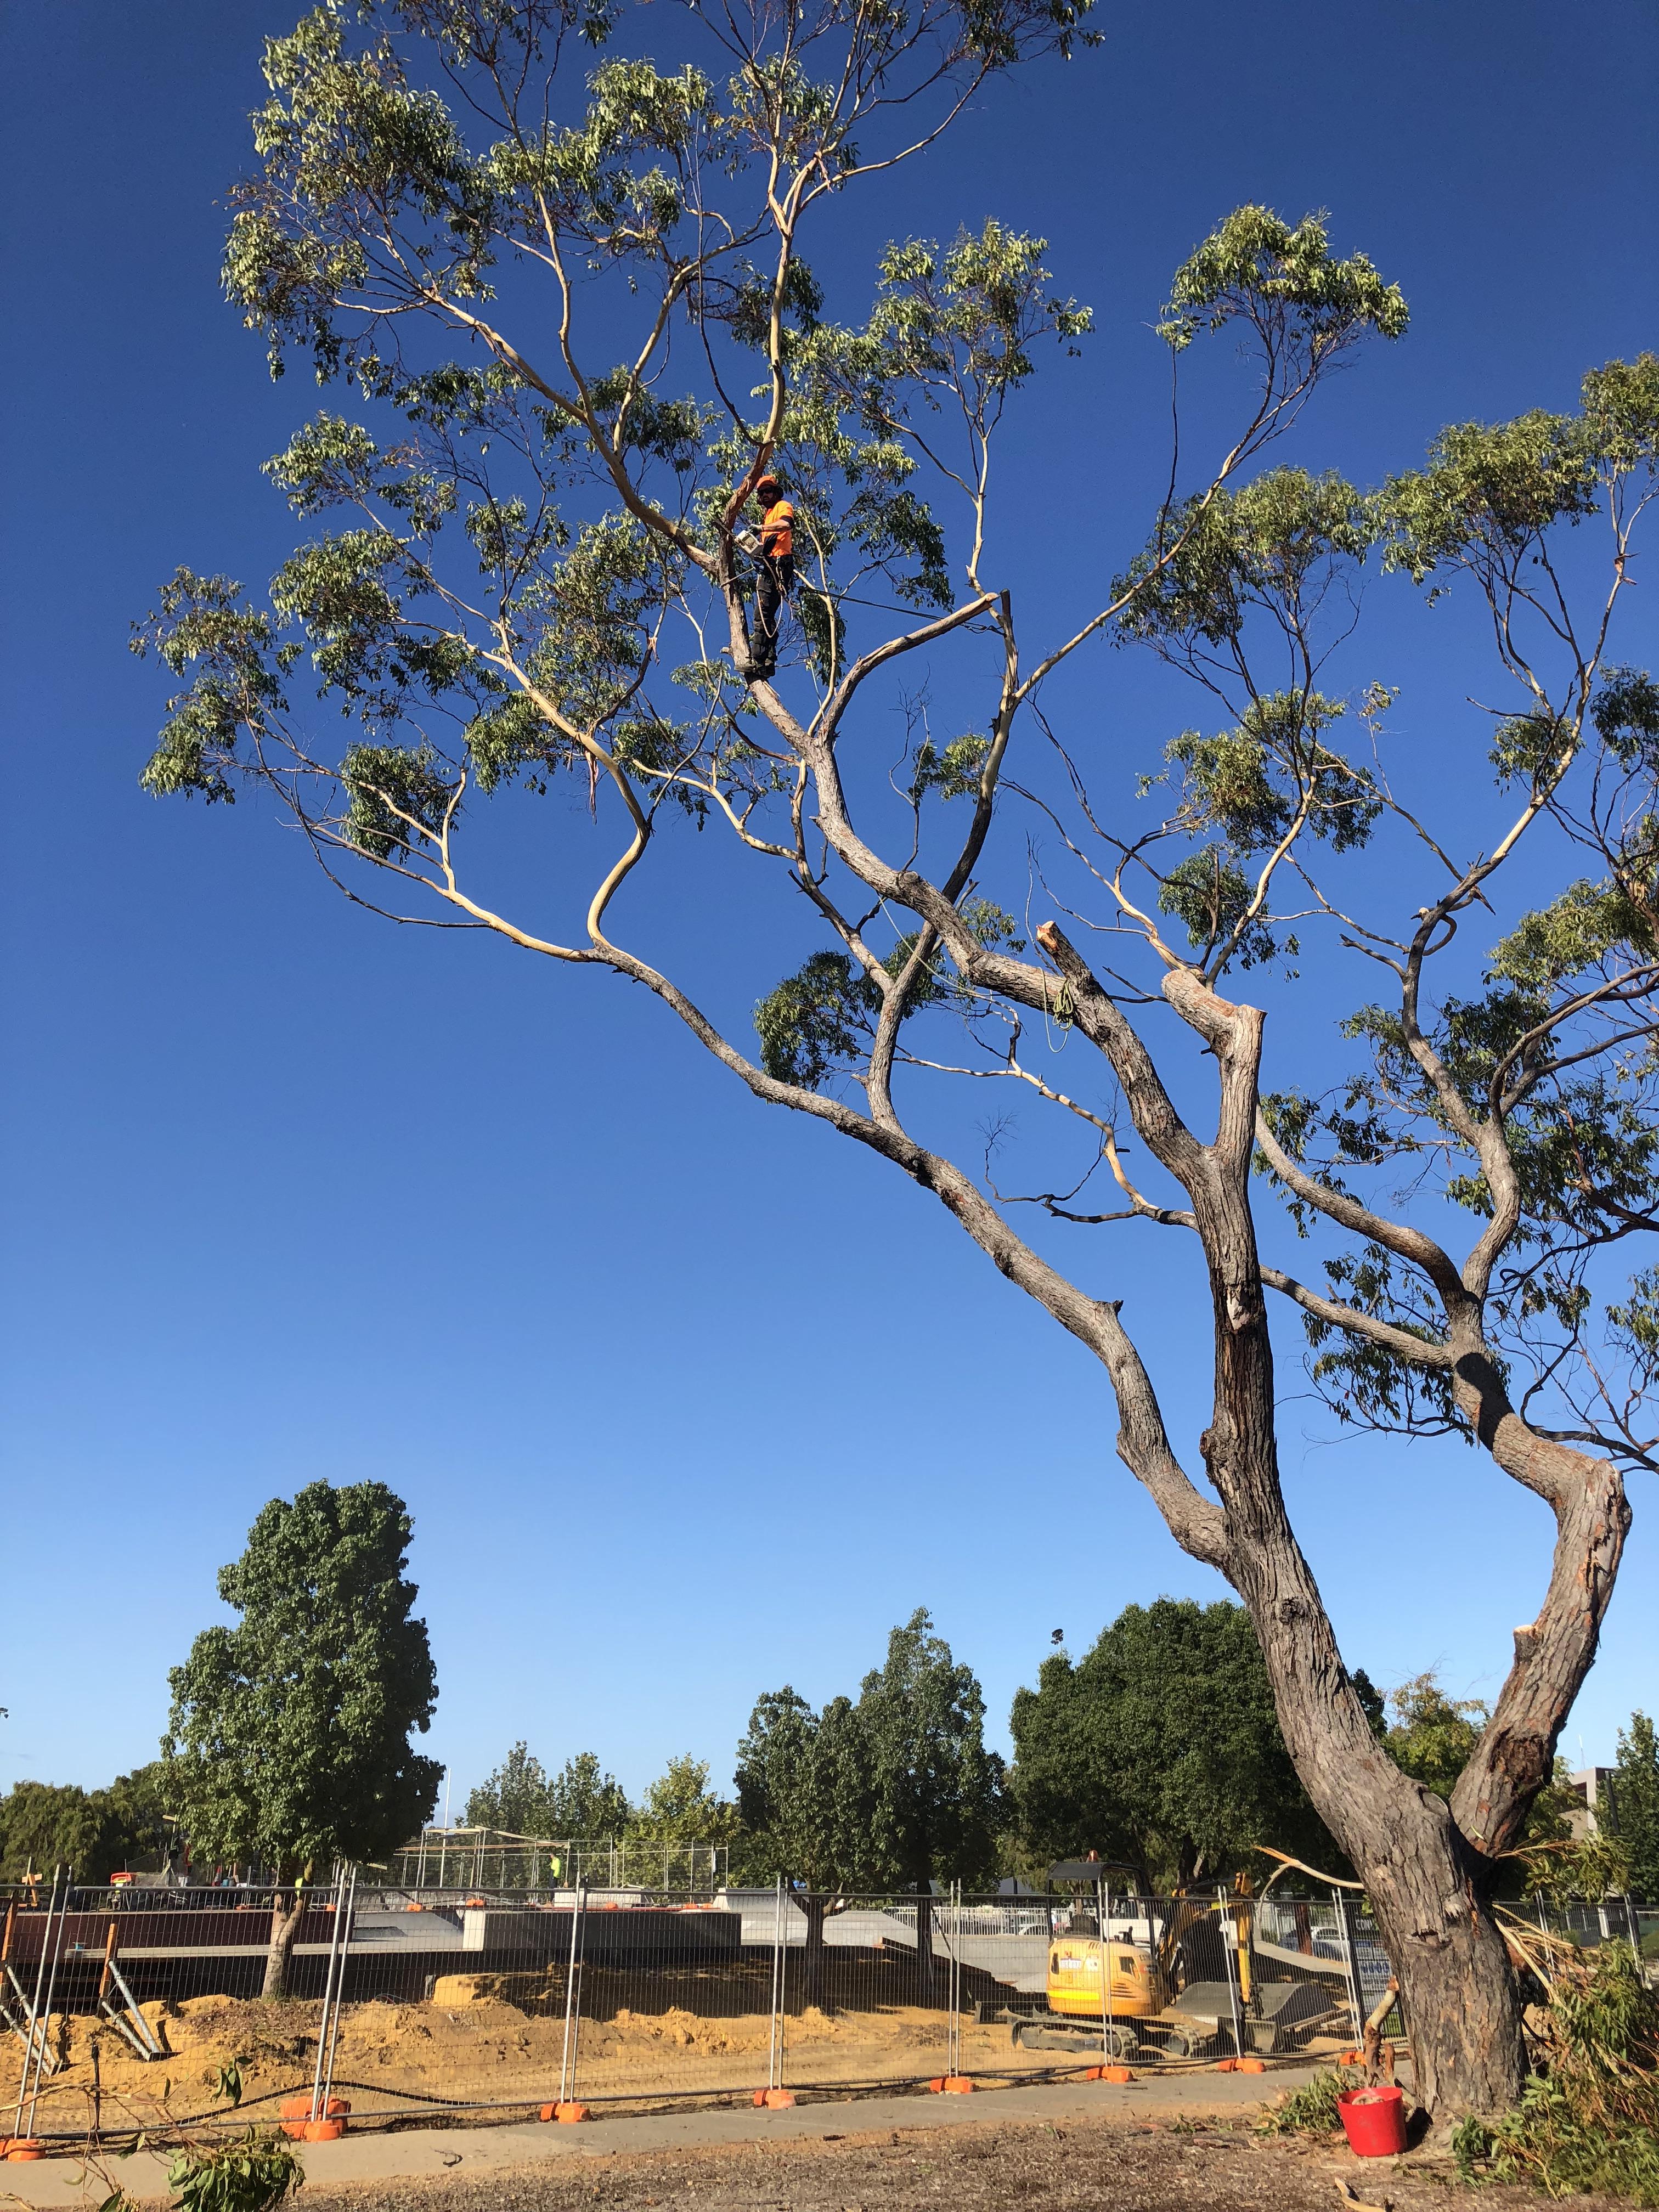 Skate park trees